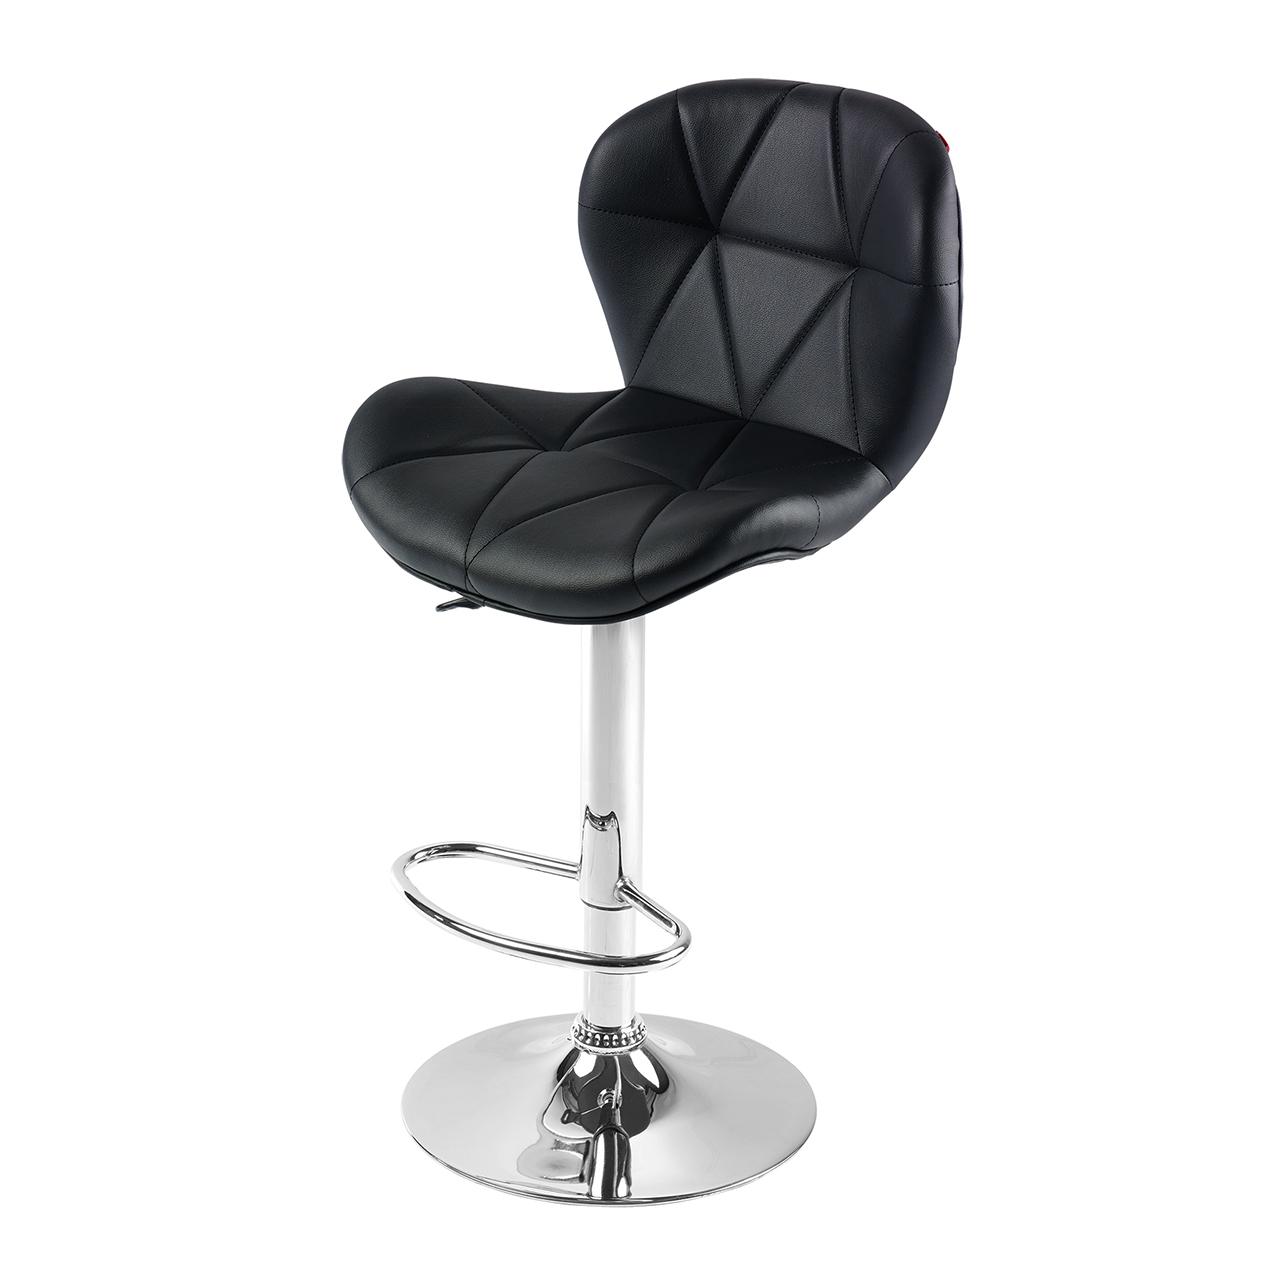 صندلی اپن طرح زین اسبی یک تیکه مدل BH820